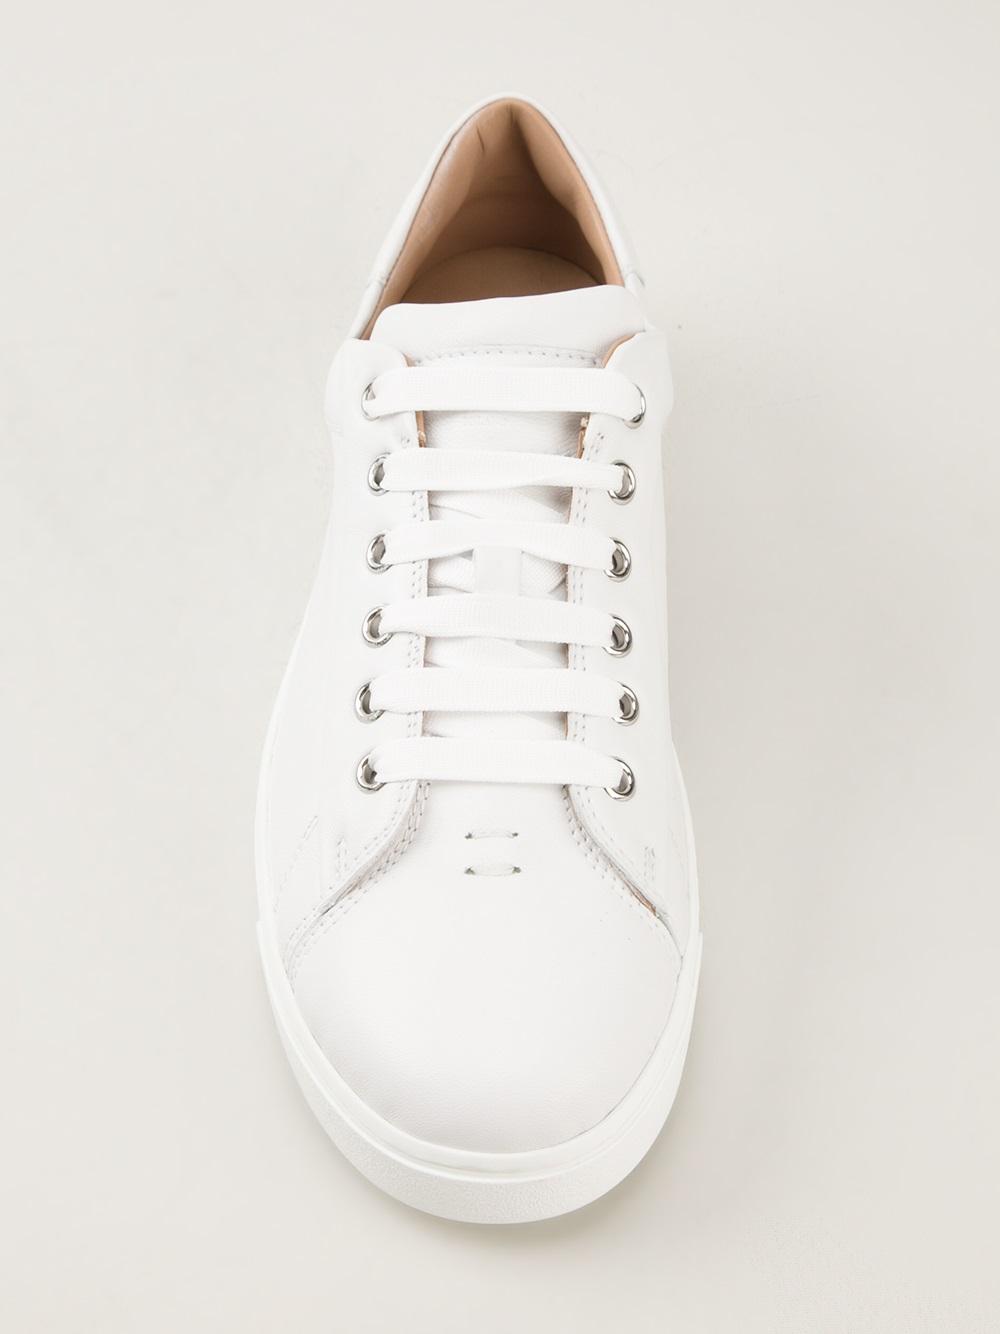 Gianvito Rossi Sneakers fxlmW